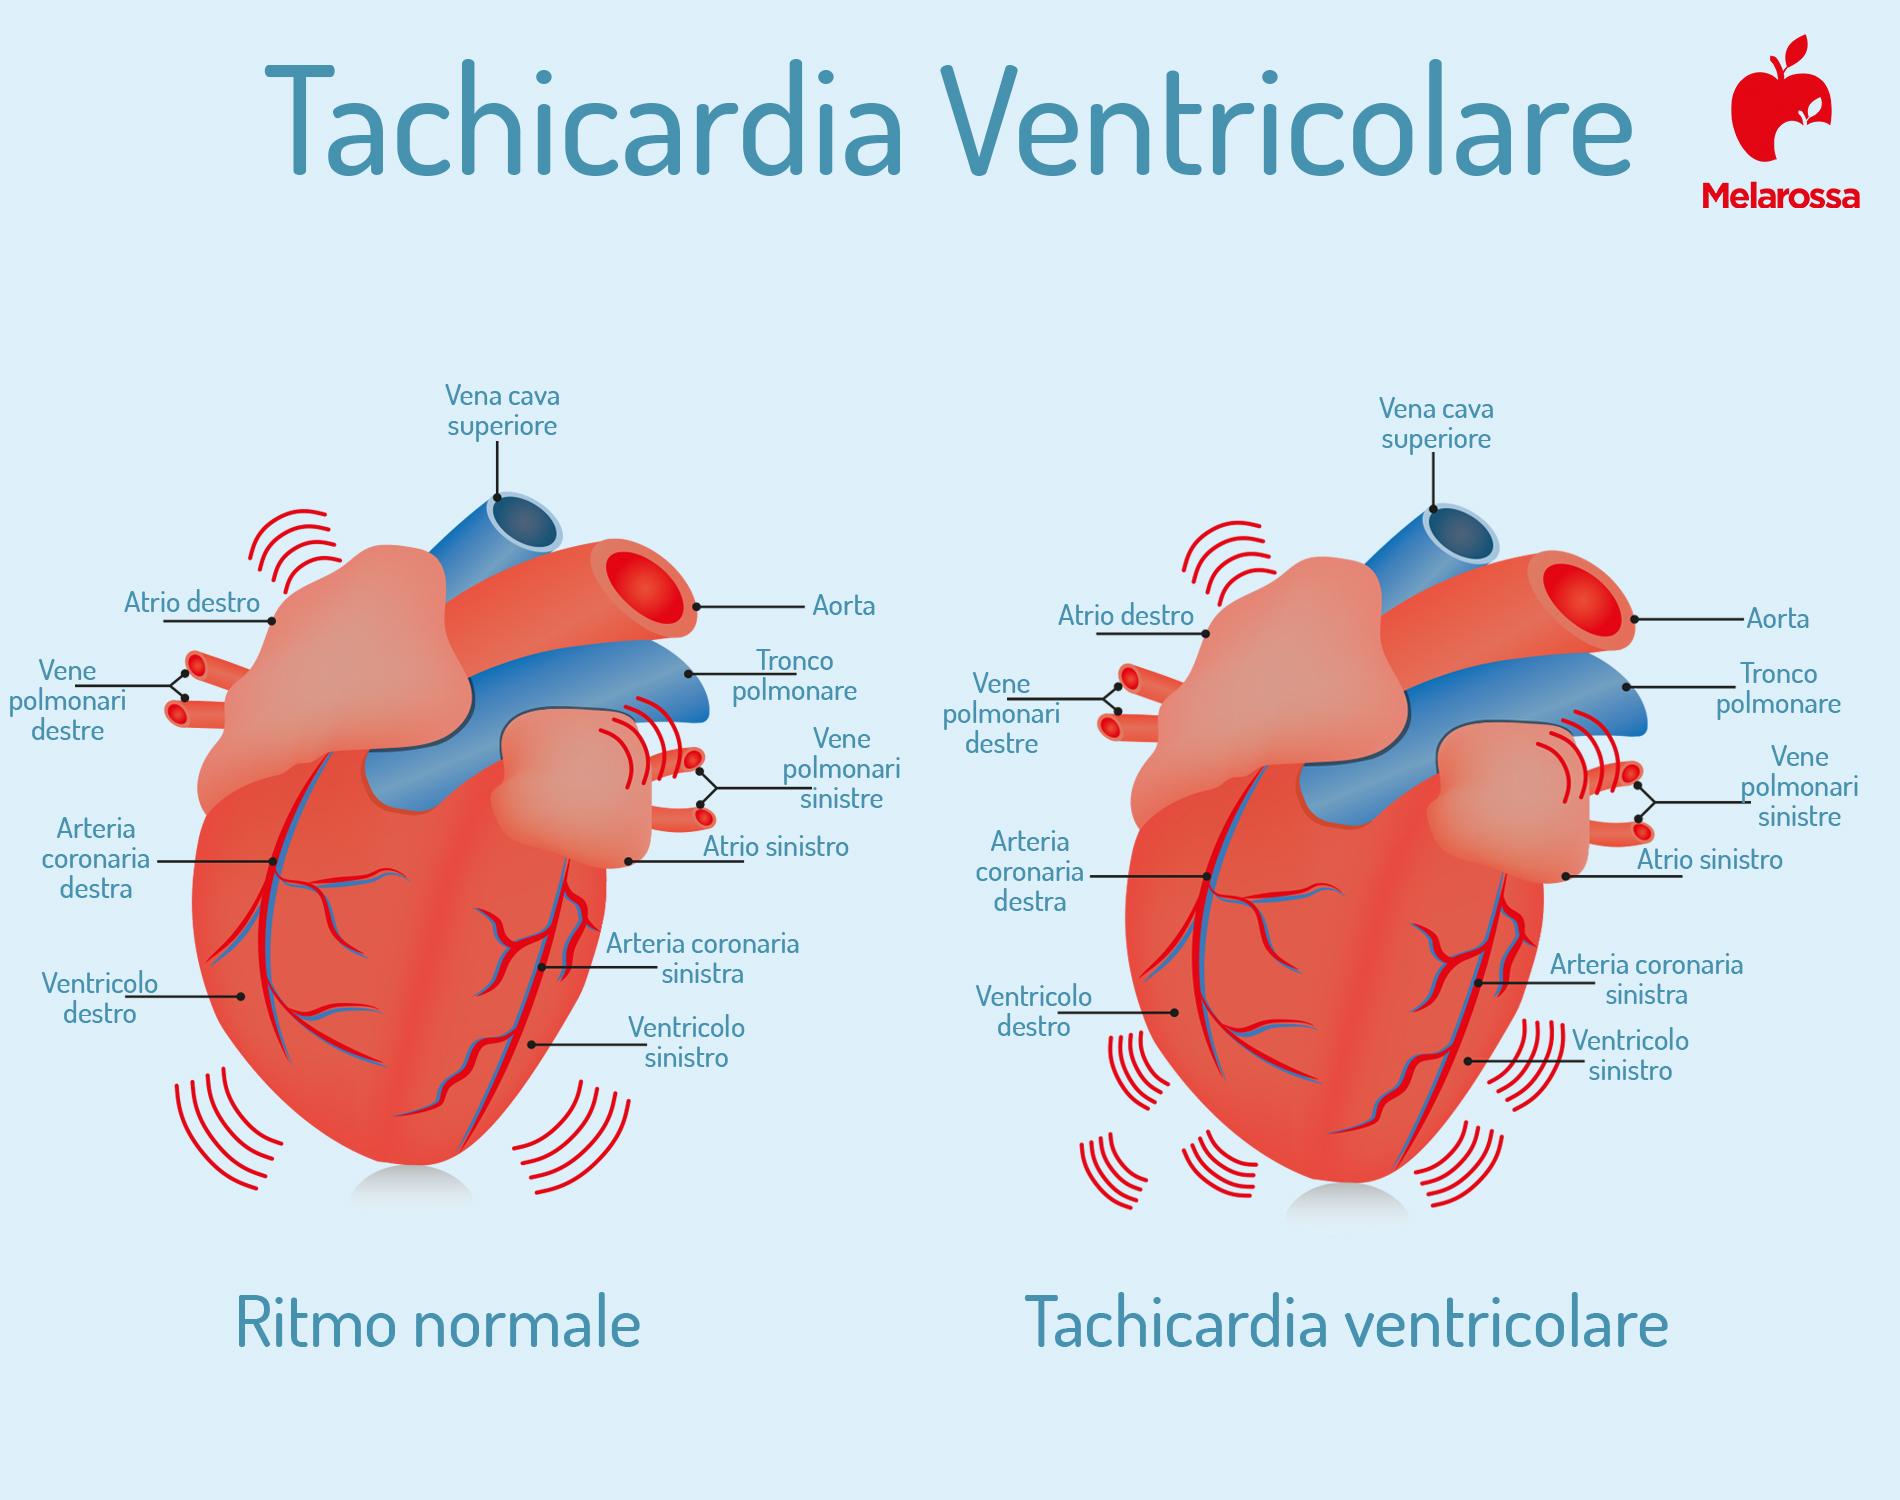 tachicardia ventricolare: che cos'è